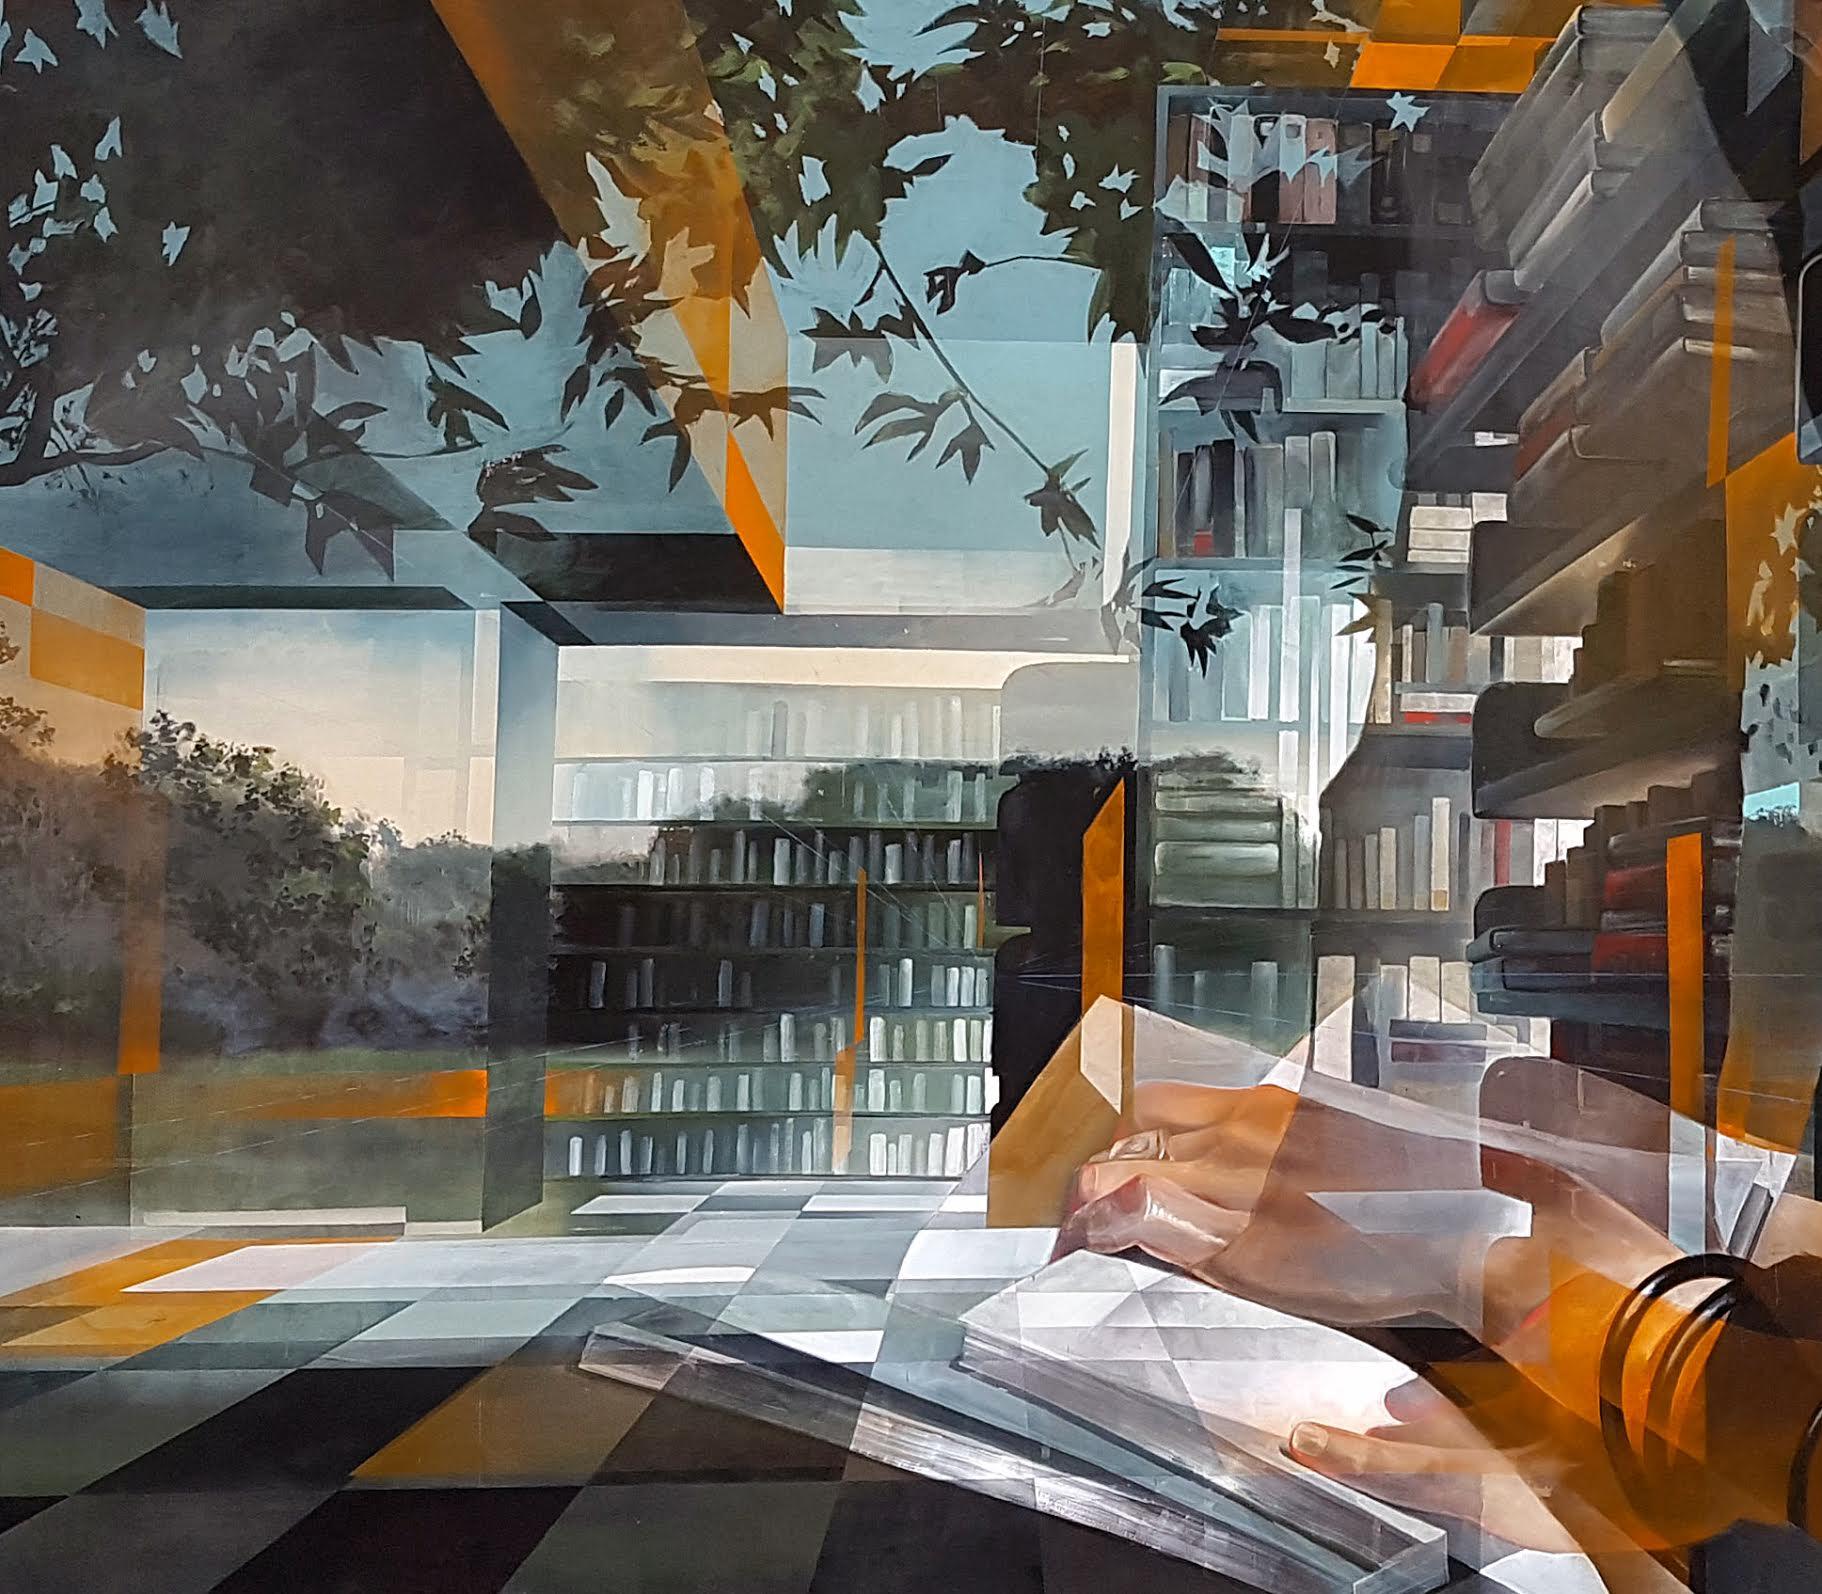 APC – New mural by VESOD in Turin, Italy Artes & contextos vesod3